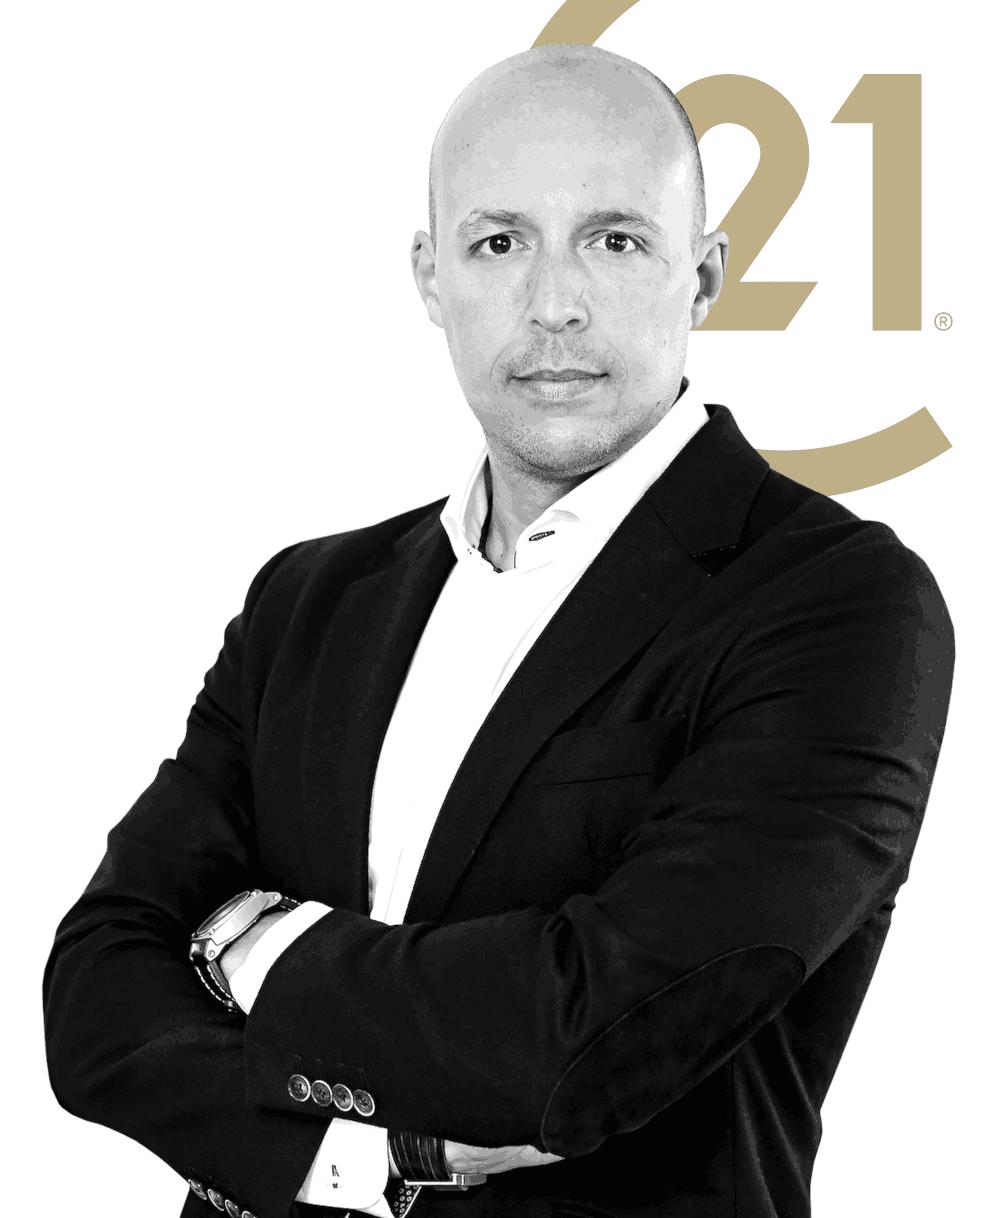 Marcus Hopfenzitz (Geschäftsführung)